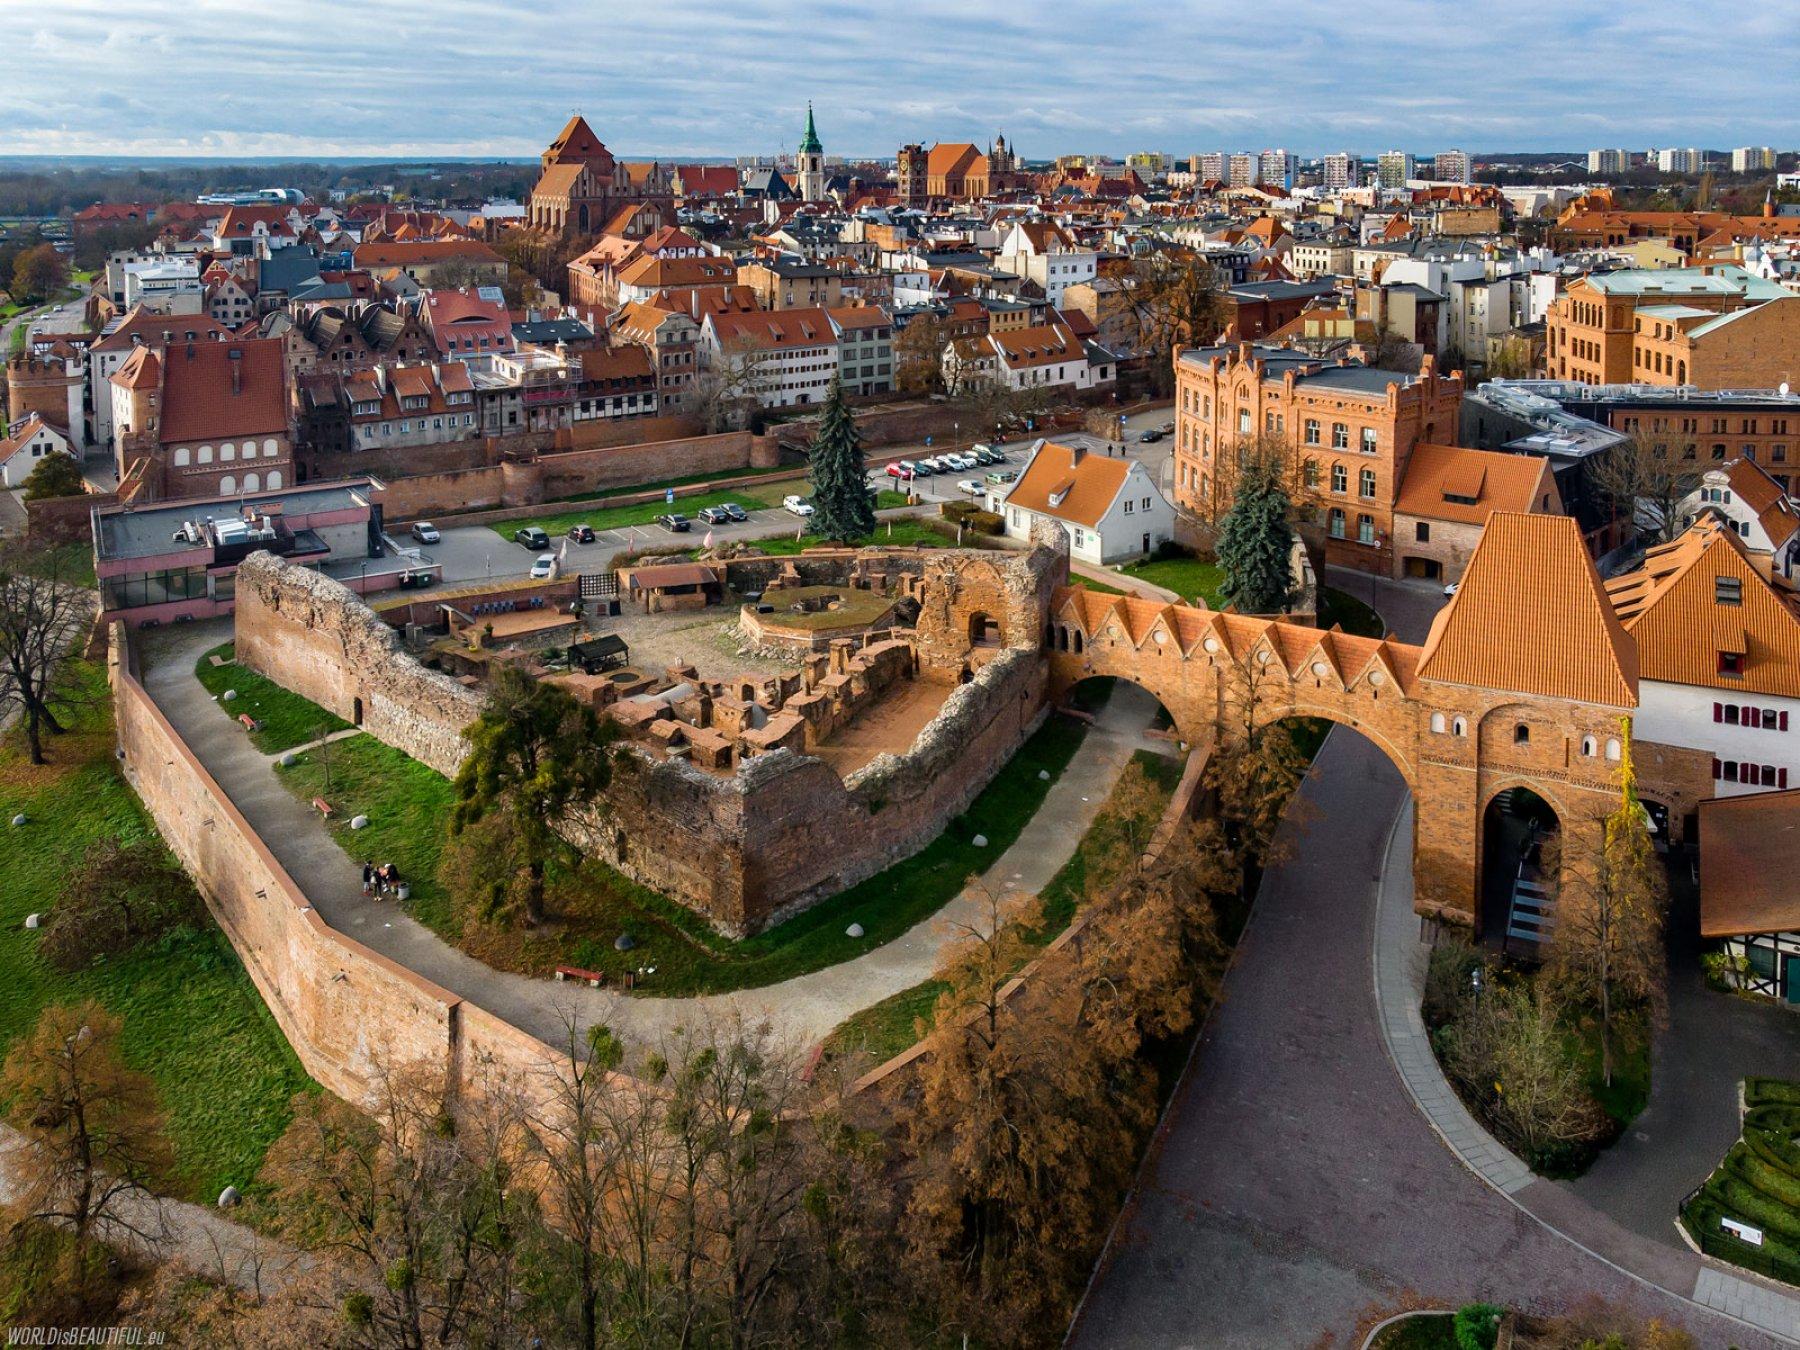 Teutonic castle in Toruń